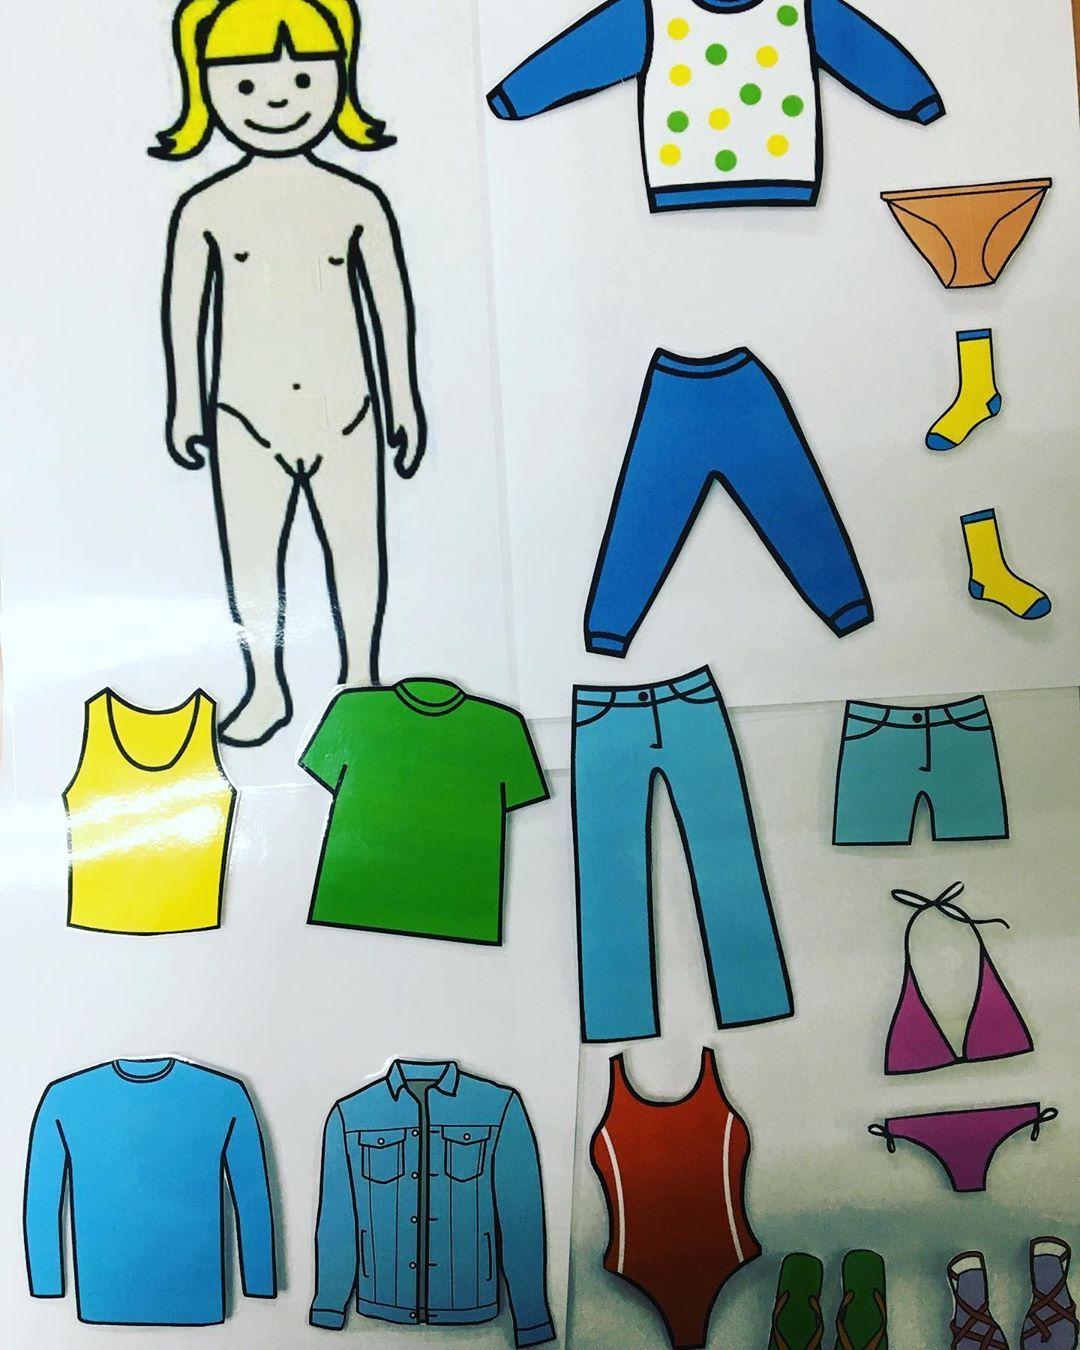 Hola Compis Os Acordáis De Los Juegos De Vestir Y Desvestir Muñecas Este Material Está Elaborado Para Un Caso Concret Logopeda Muñecas Instagram